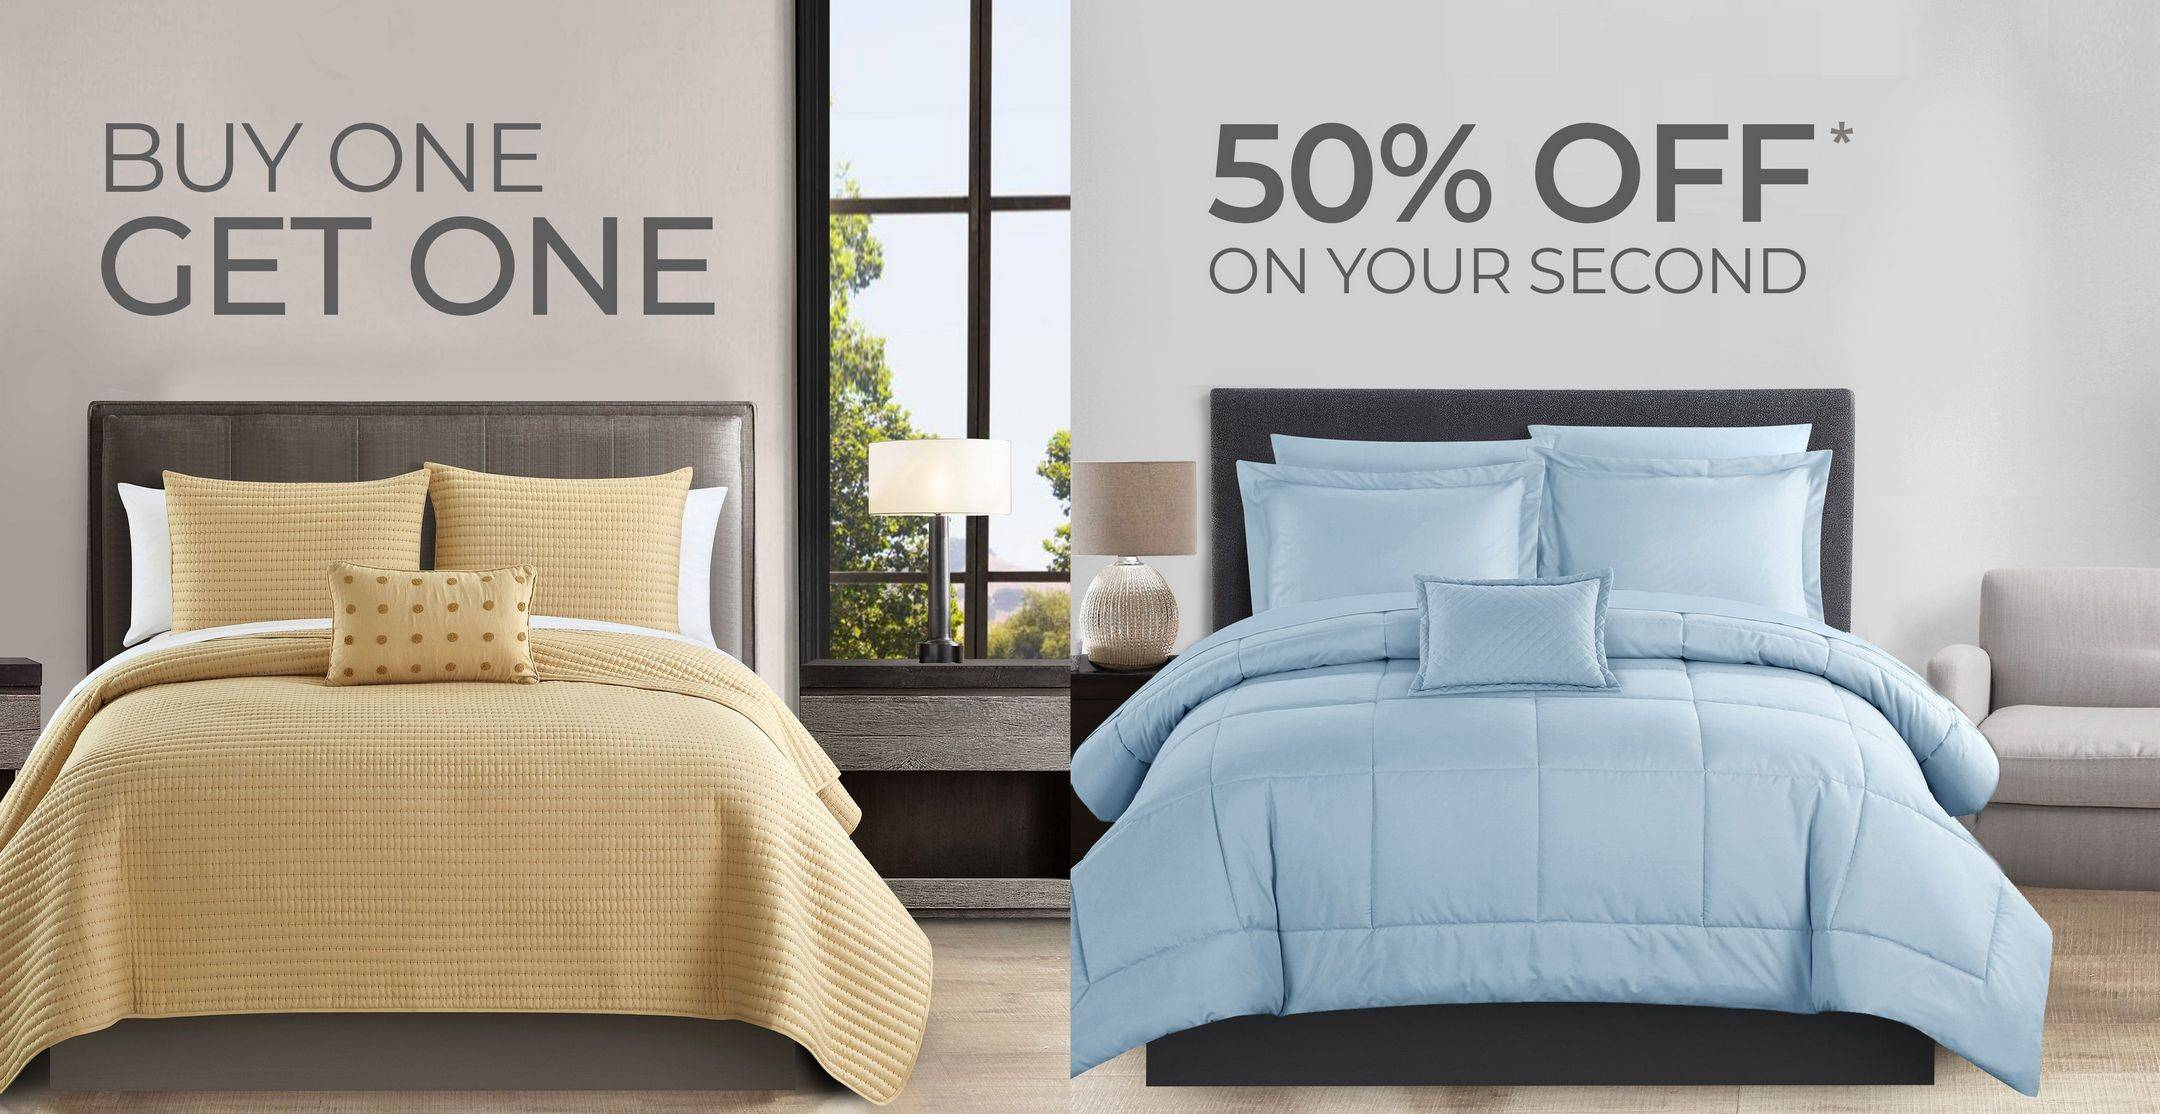 Banner image of two bedding sets for BOGO Sale